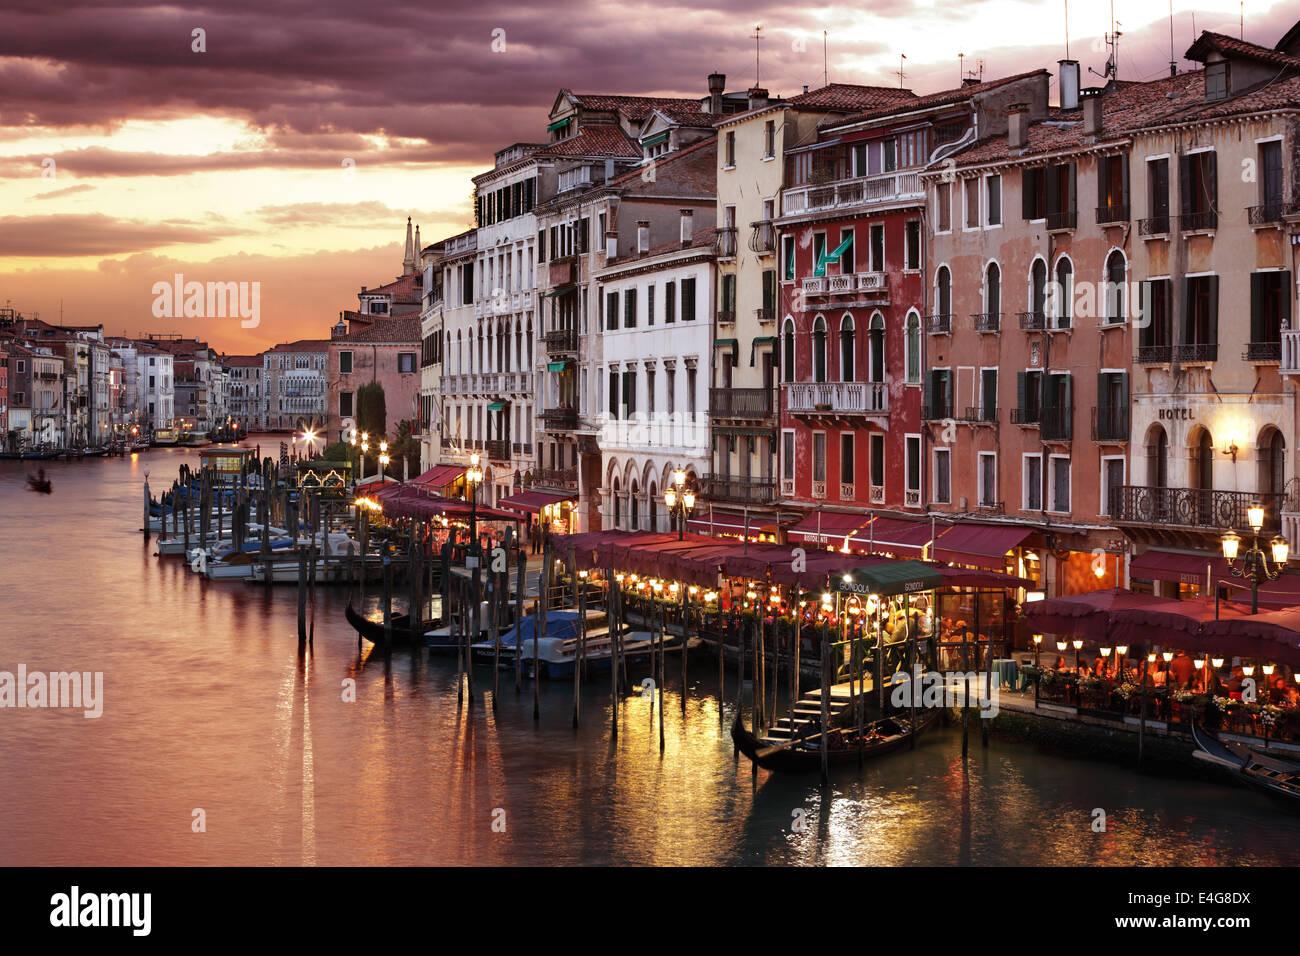 Venise Grand Canal de nuit Photo Stock